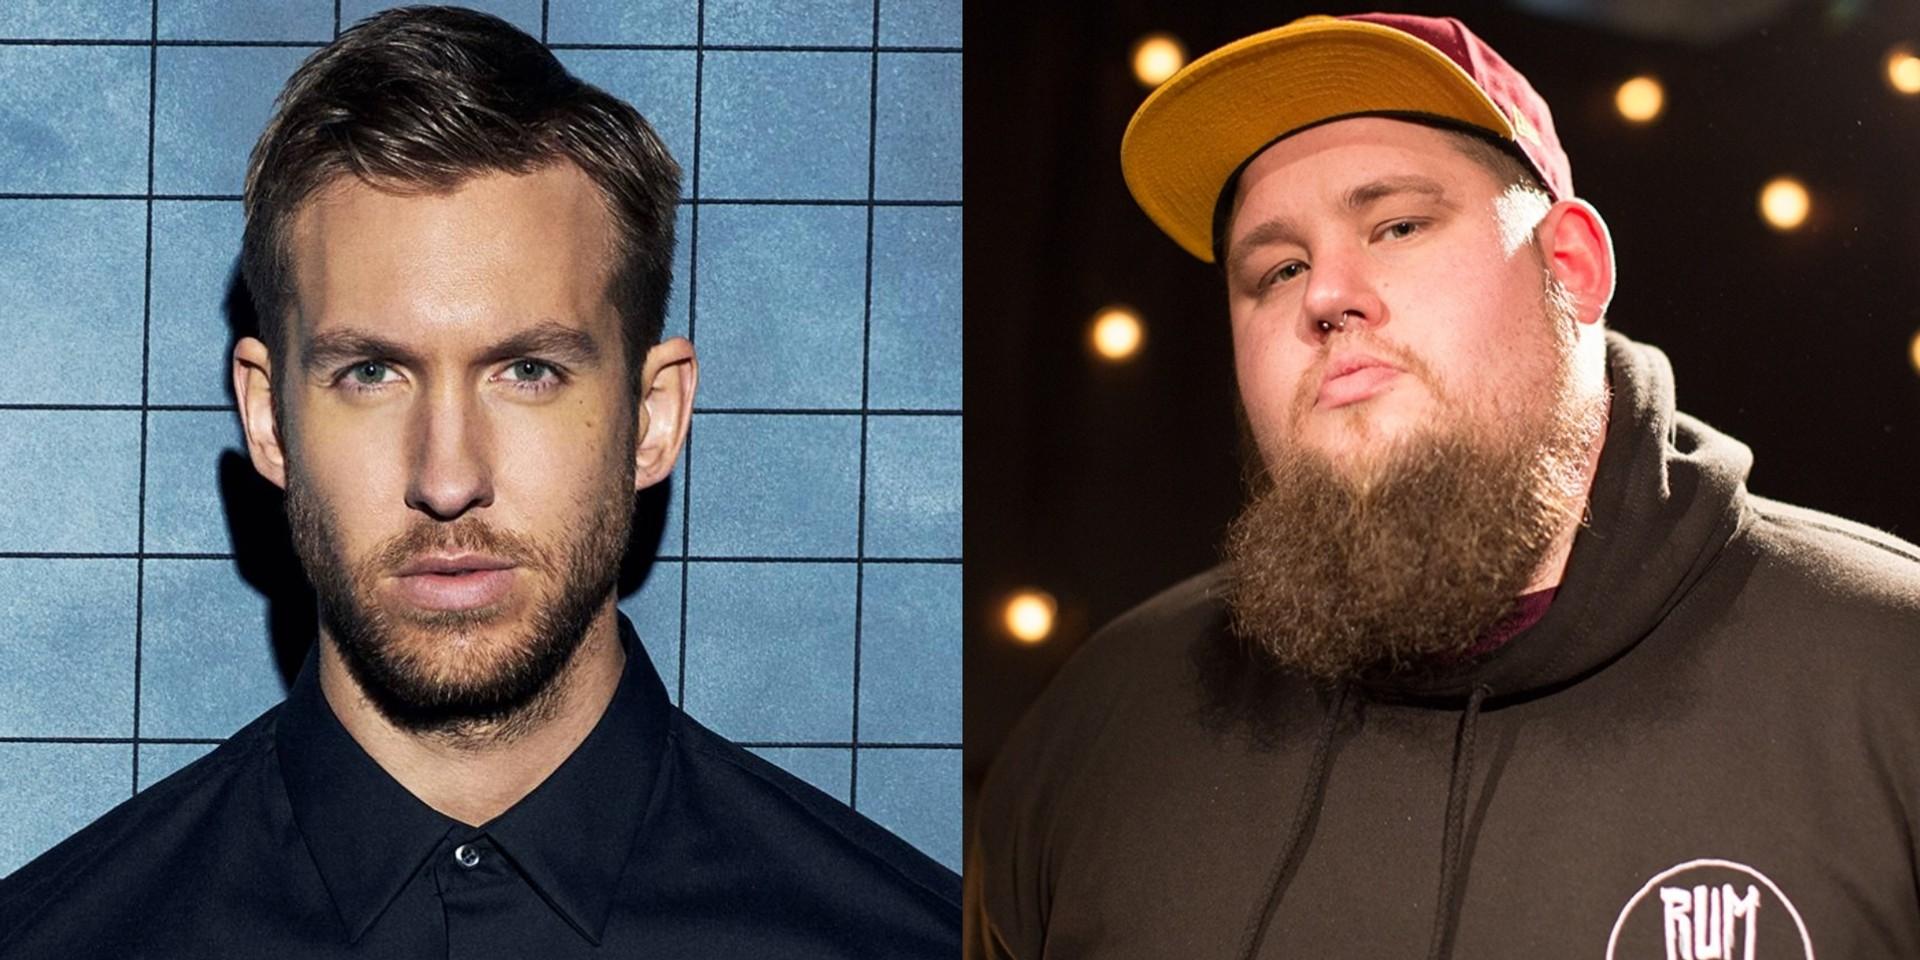 Calvin Harris releases new gospel-inspired single 'Giant' featuring Rag'n'Bone Man – listen